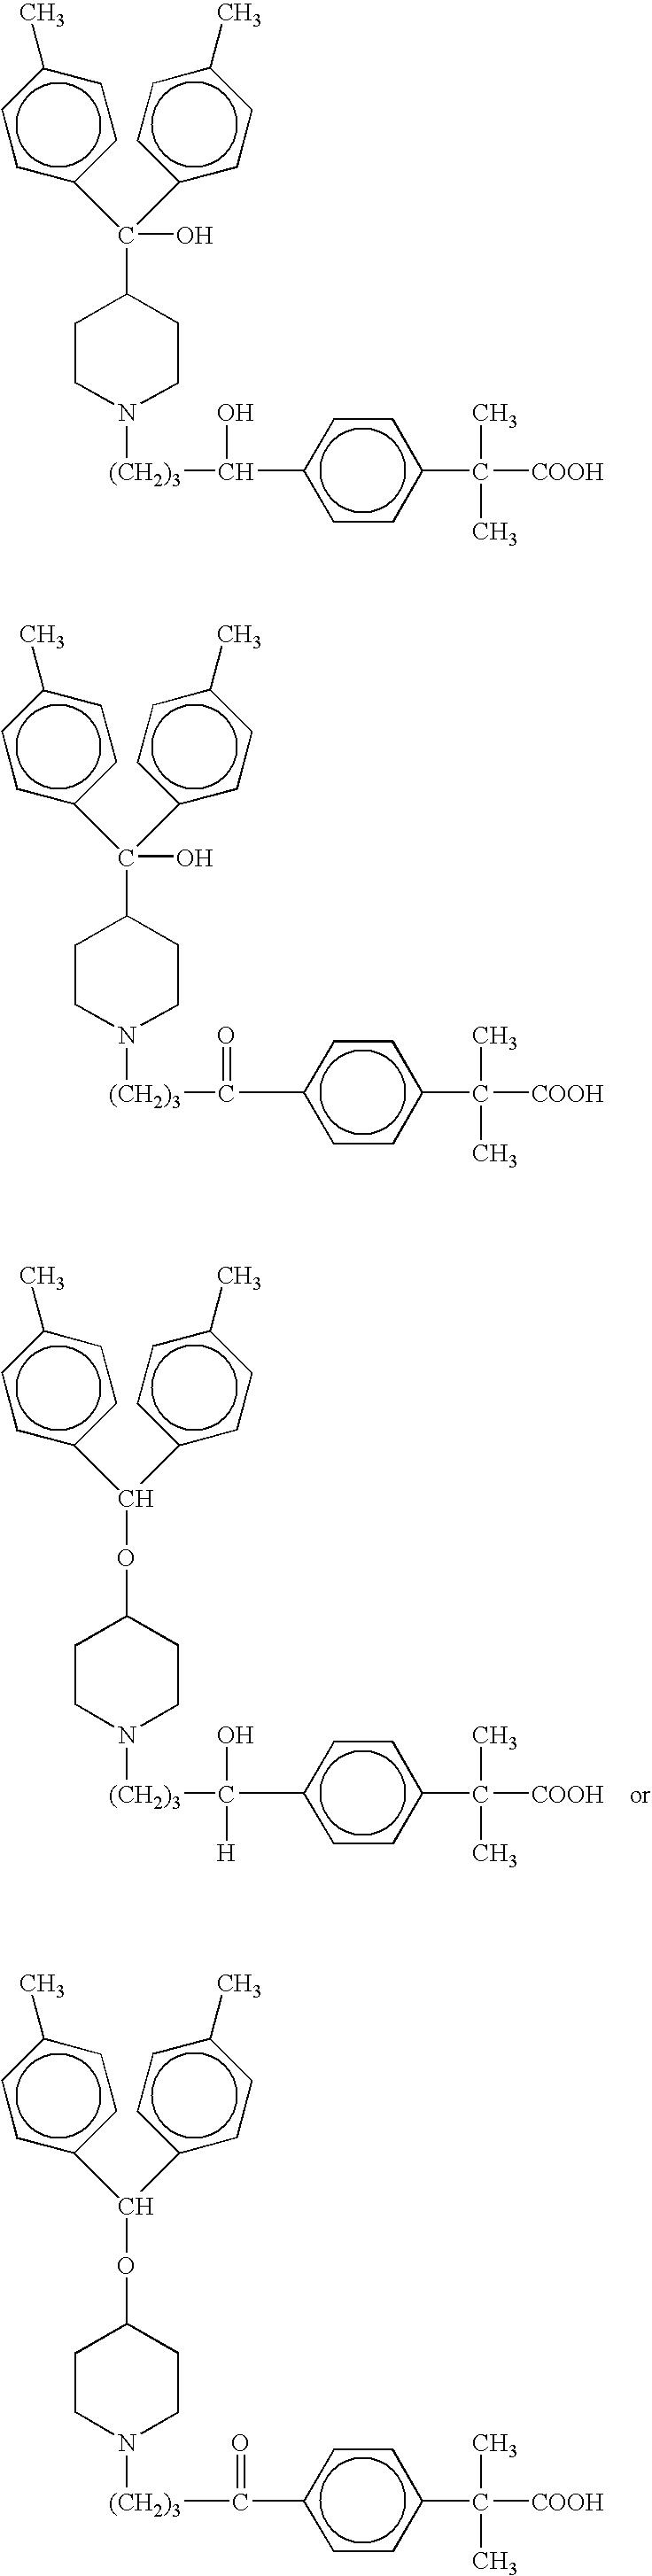 Figure US20070010677A1-20070111-C00026